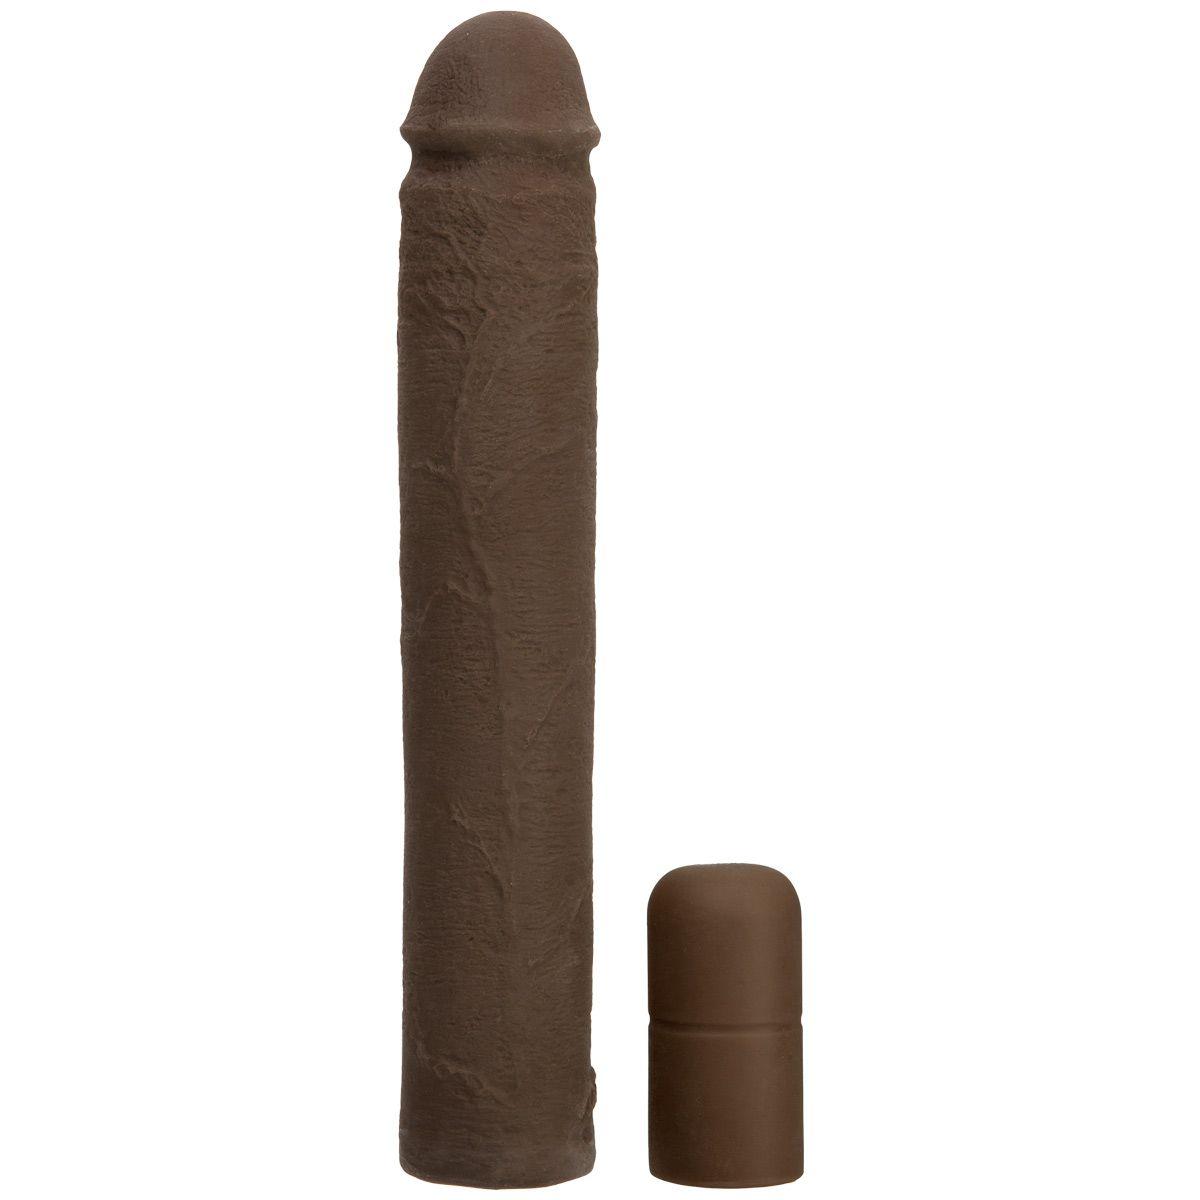 Коричневая увеличивающая насадка на пенис - 22,8 см.